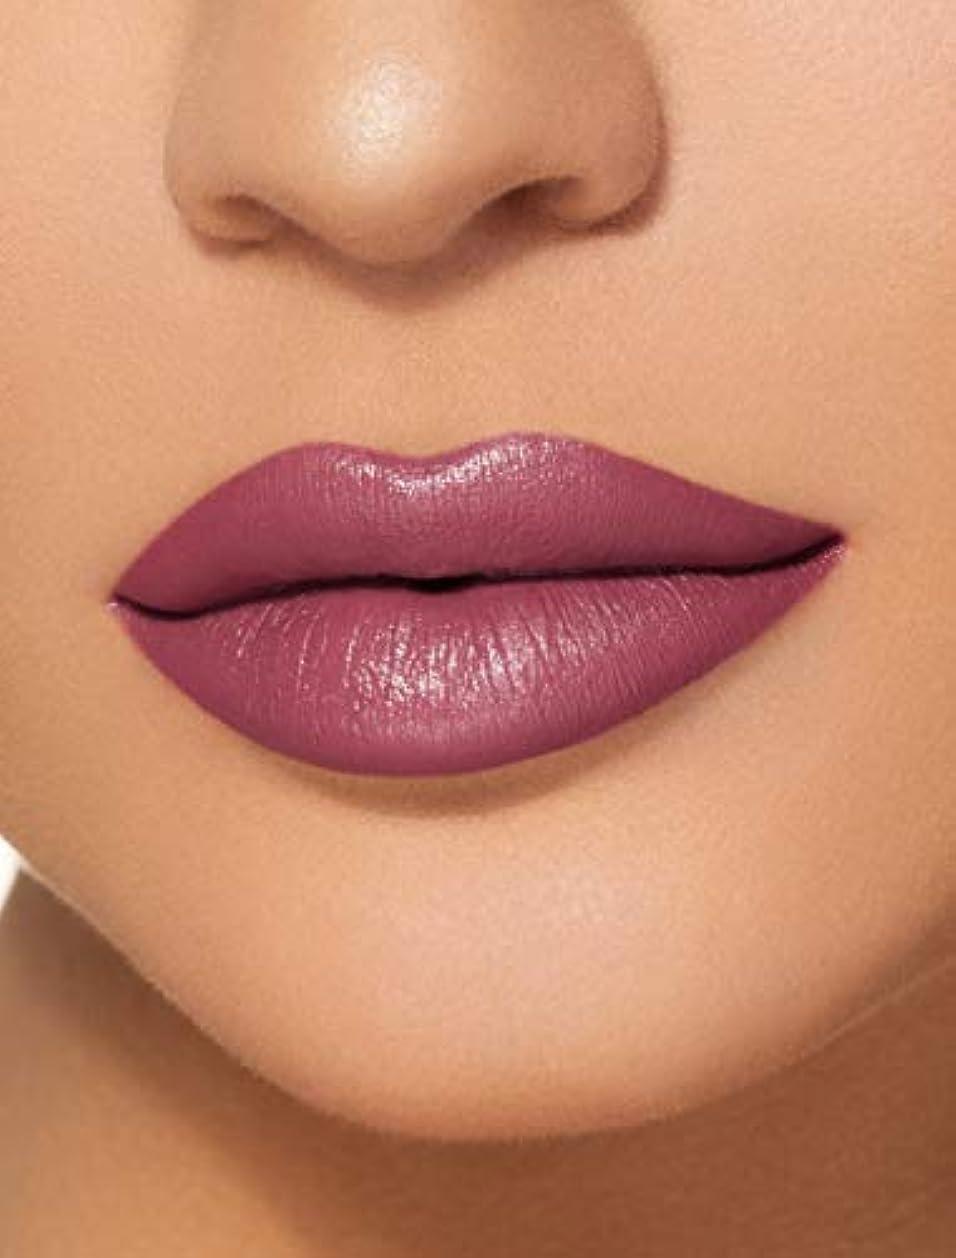 孤独端に付けるKYLIE COSMETICS Velvet Liquid Lipstick (Boy Bye Velvet)